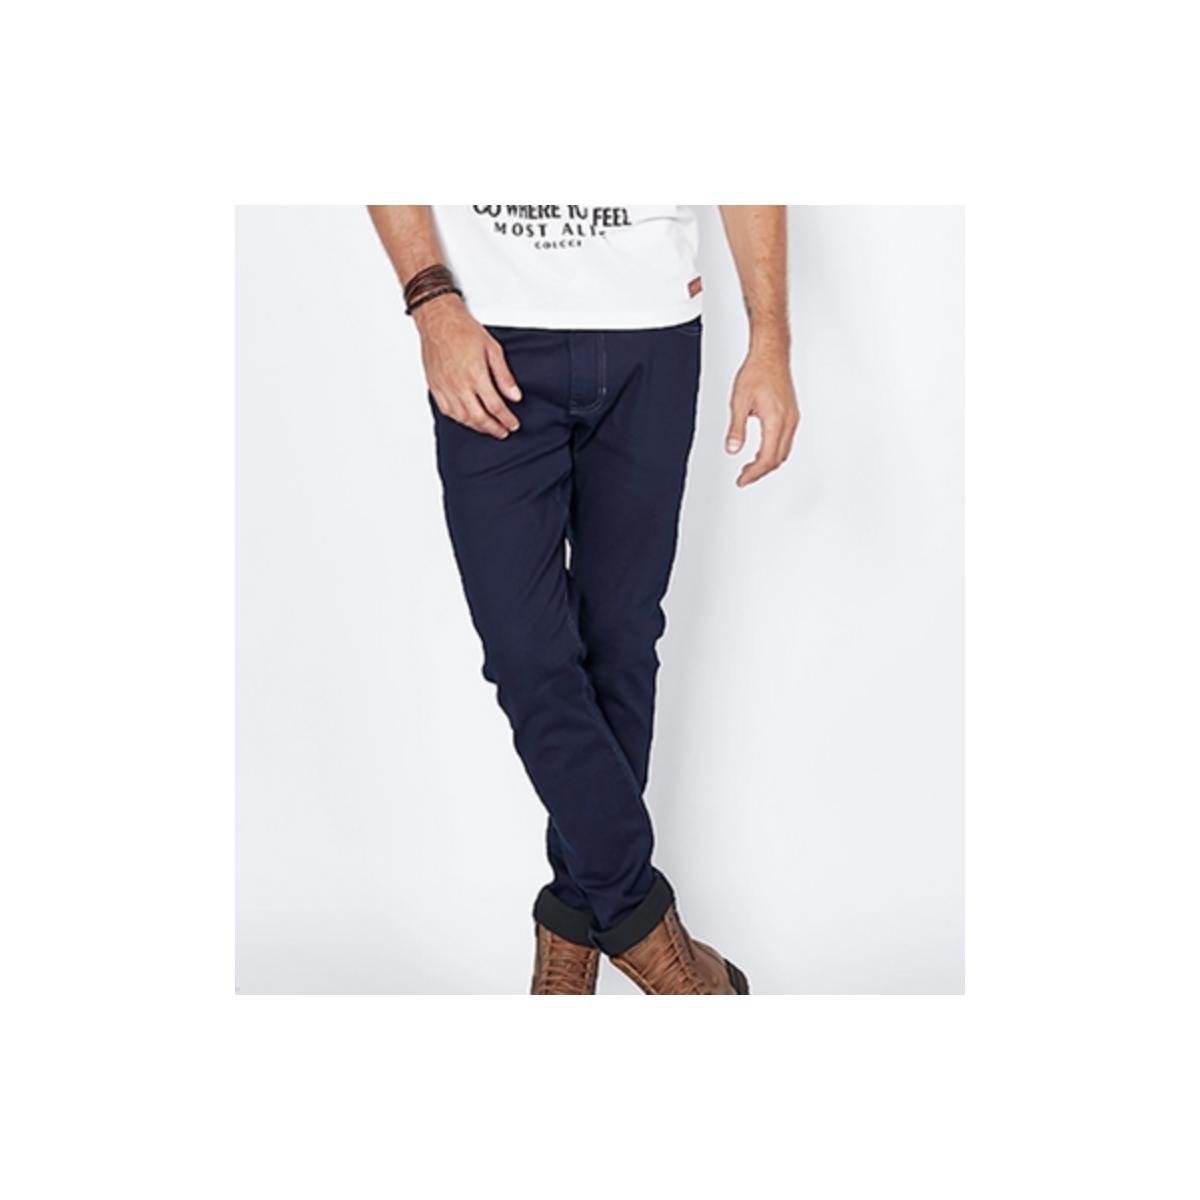 Calça Masculina Colcci 10105366 600 Jeans